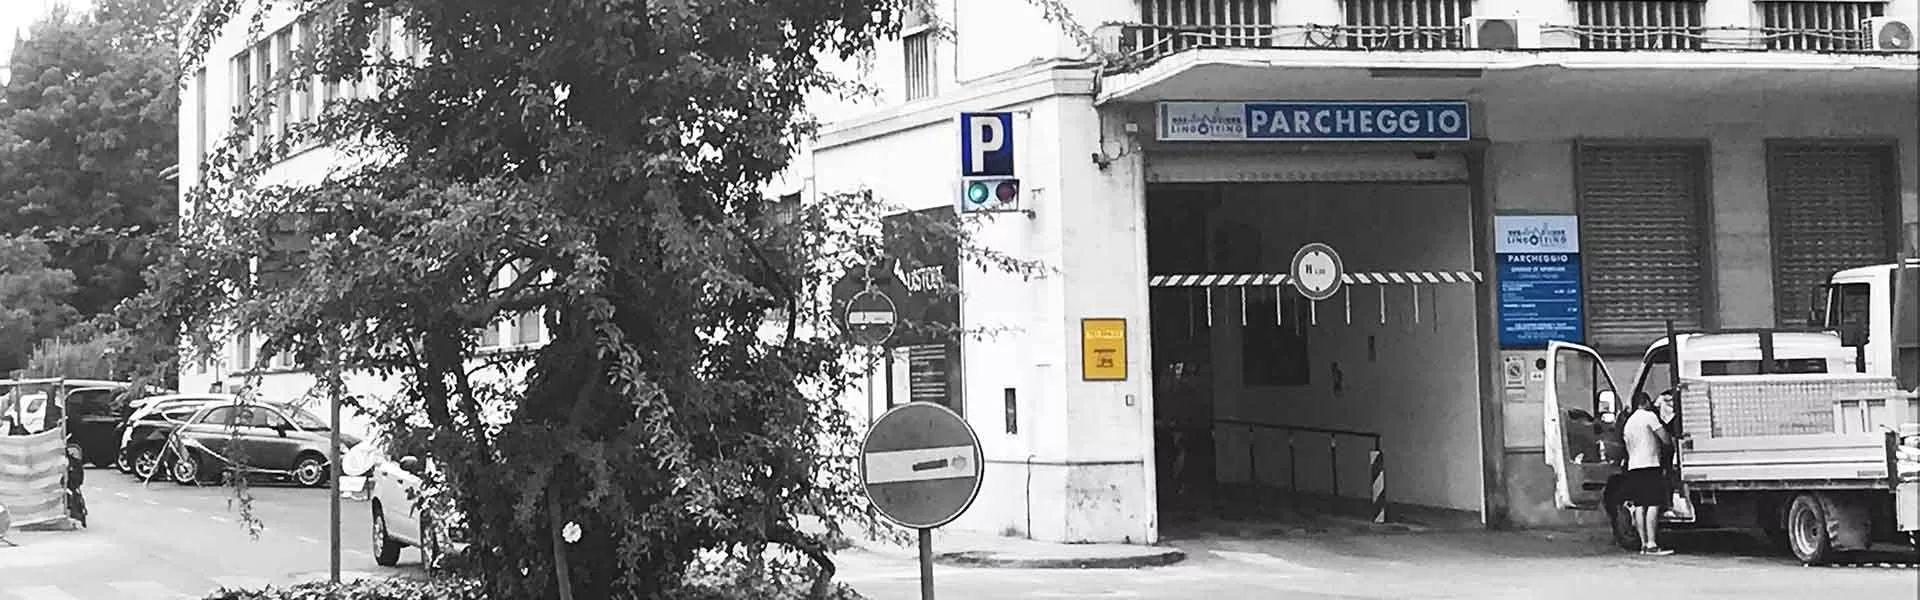 Dove siamo | Lingottino Parcheggi S.r.l.